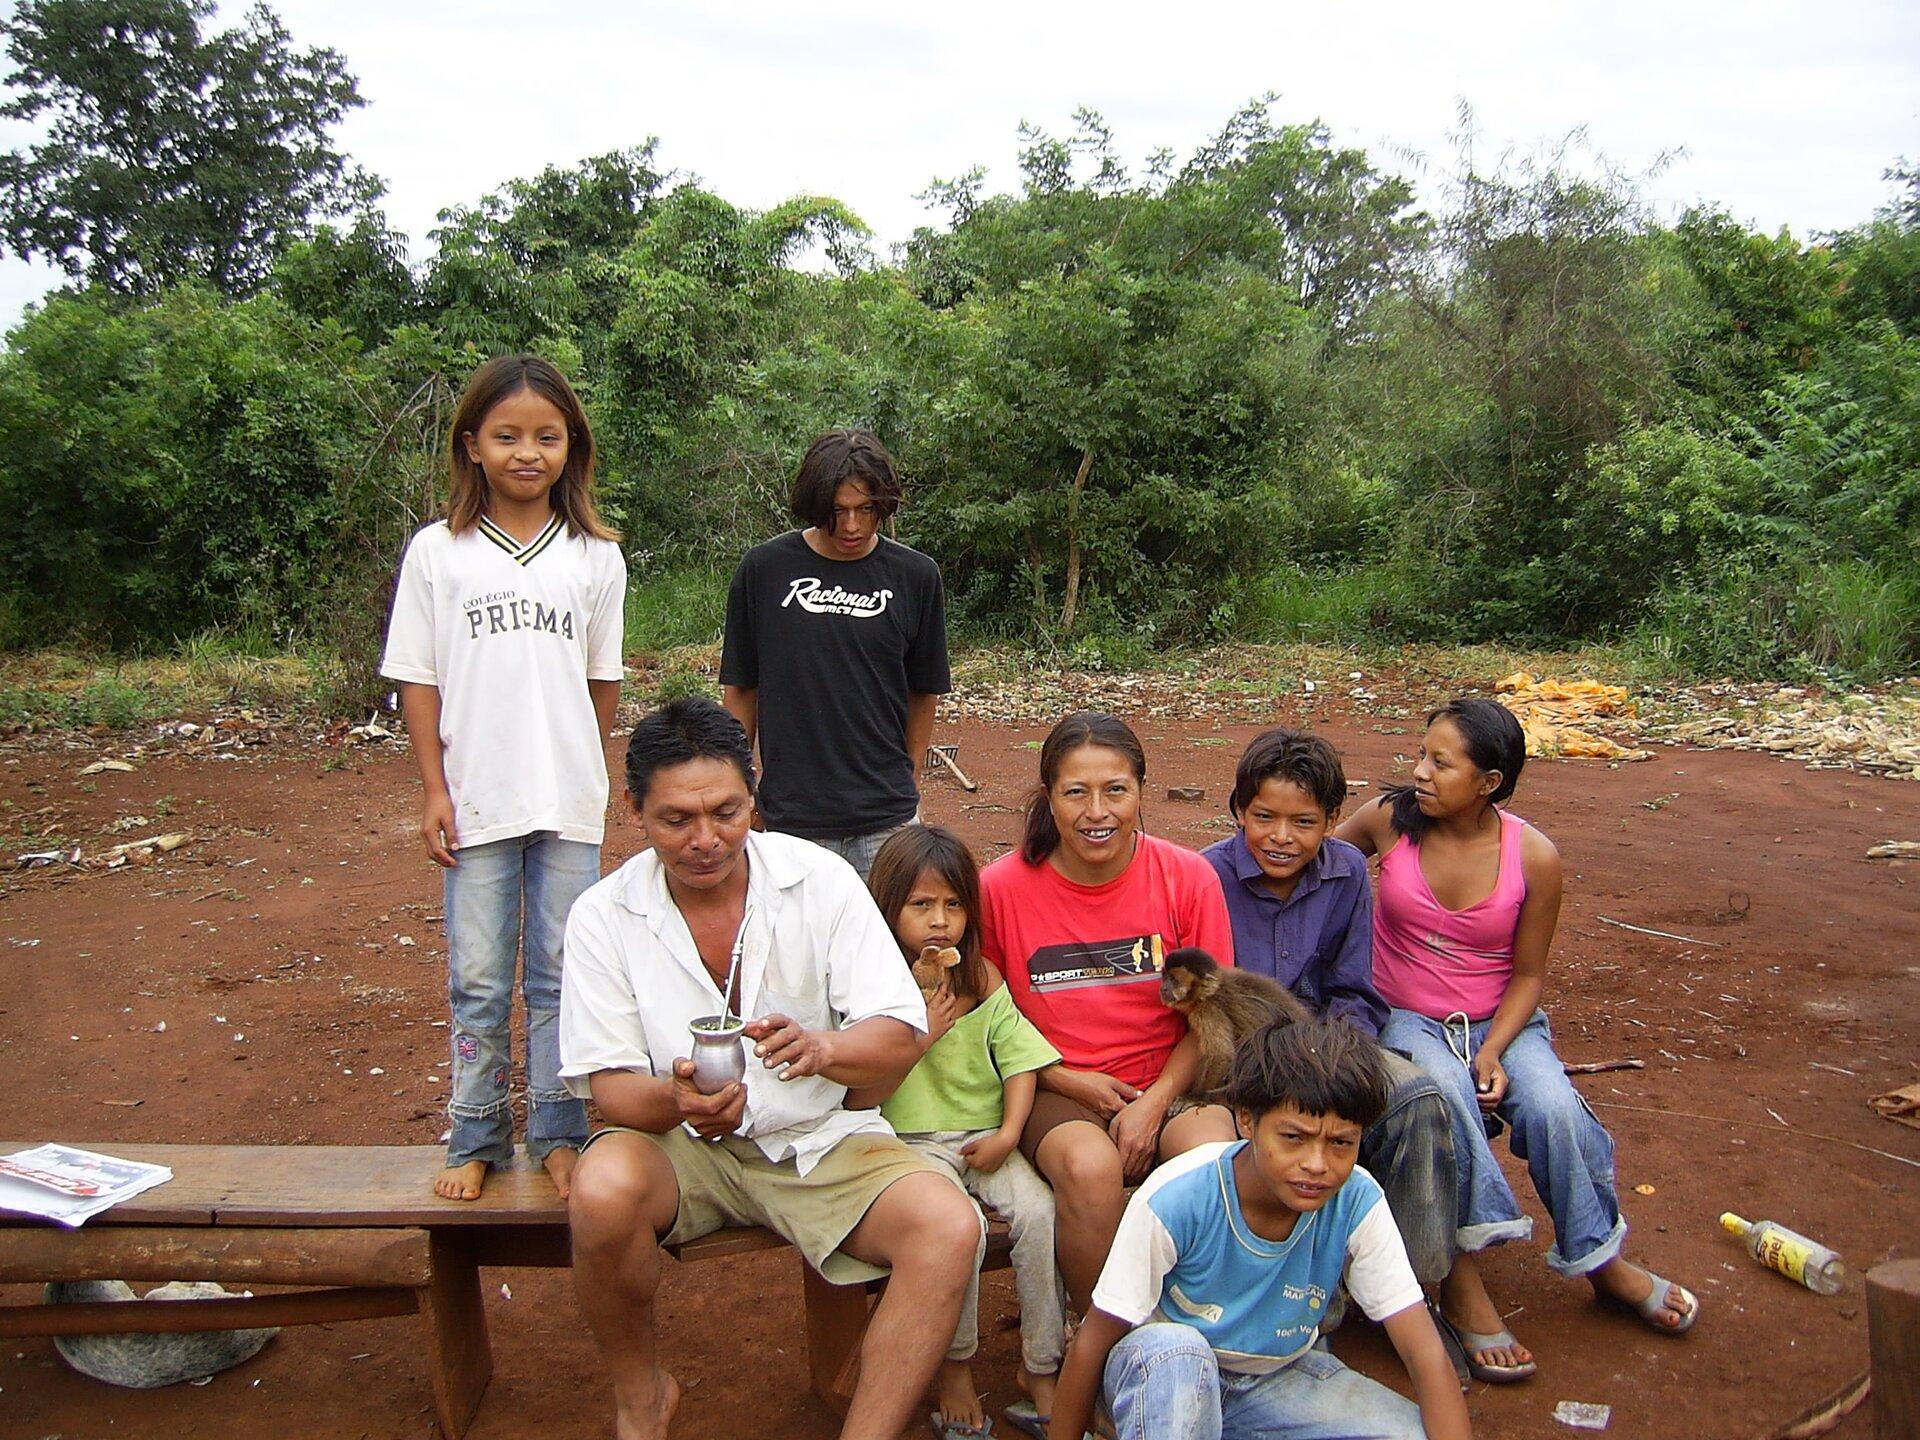 Na zdjęciu liczna rodzina pozuje do zdjęcia siedząc na ławce ustawionej na ceglastej ziemi. Na kolanach trzymają małpkę. Wtle zarośla.